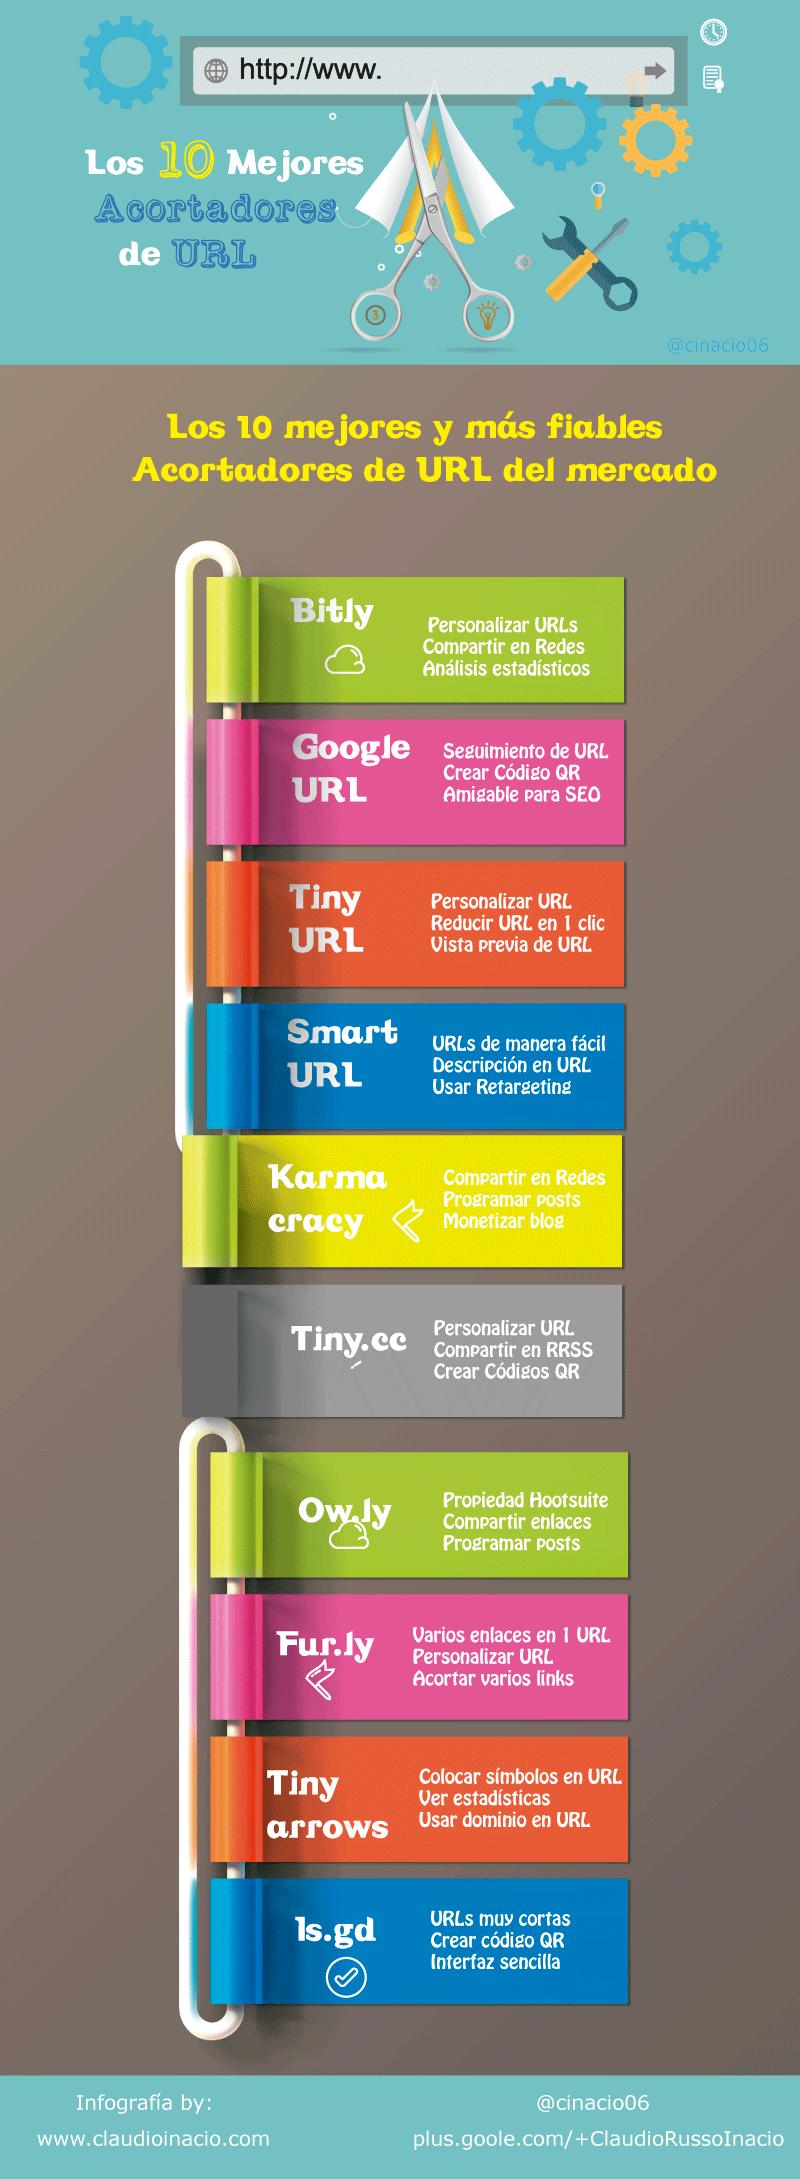 infografía mejores acortadores URL